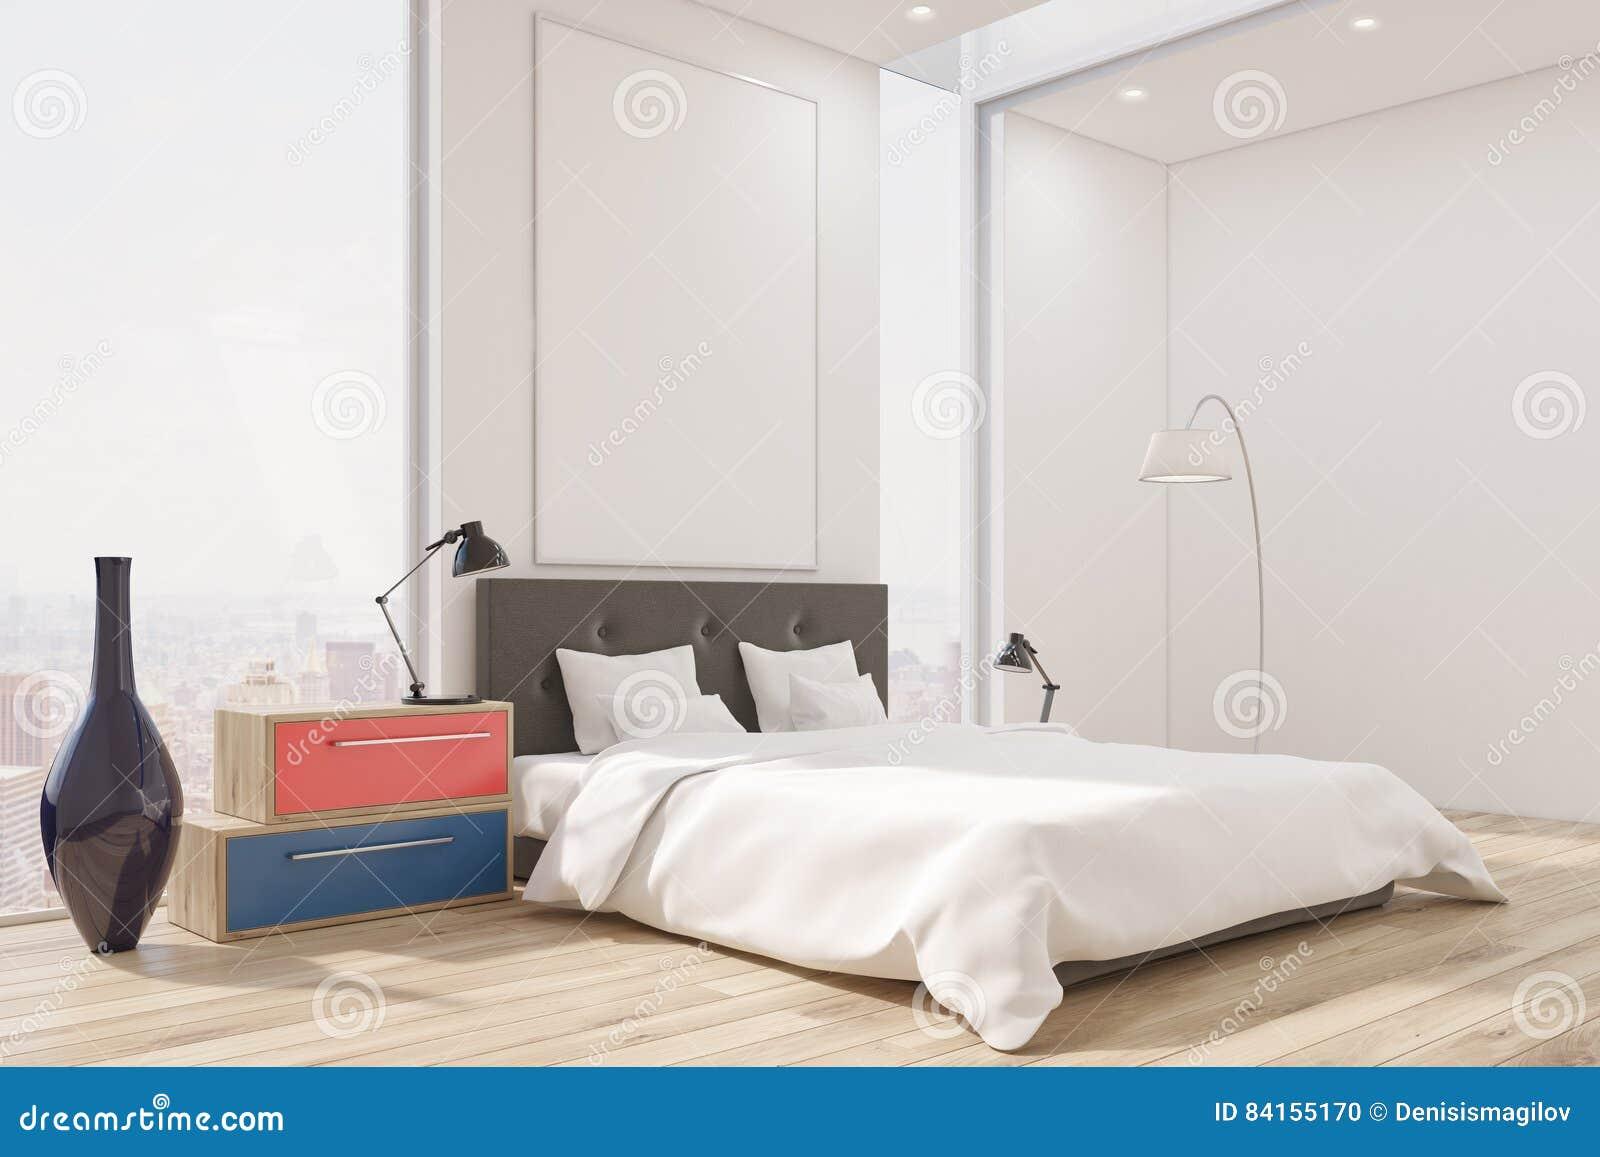 Ecke Eines Hauptschlafzimmers Mit Einem Bett Ein Satz Facher Ein